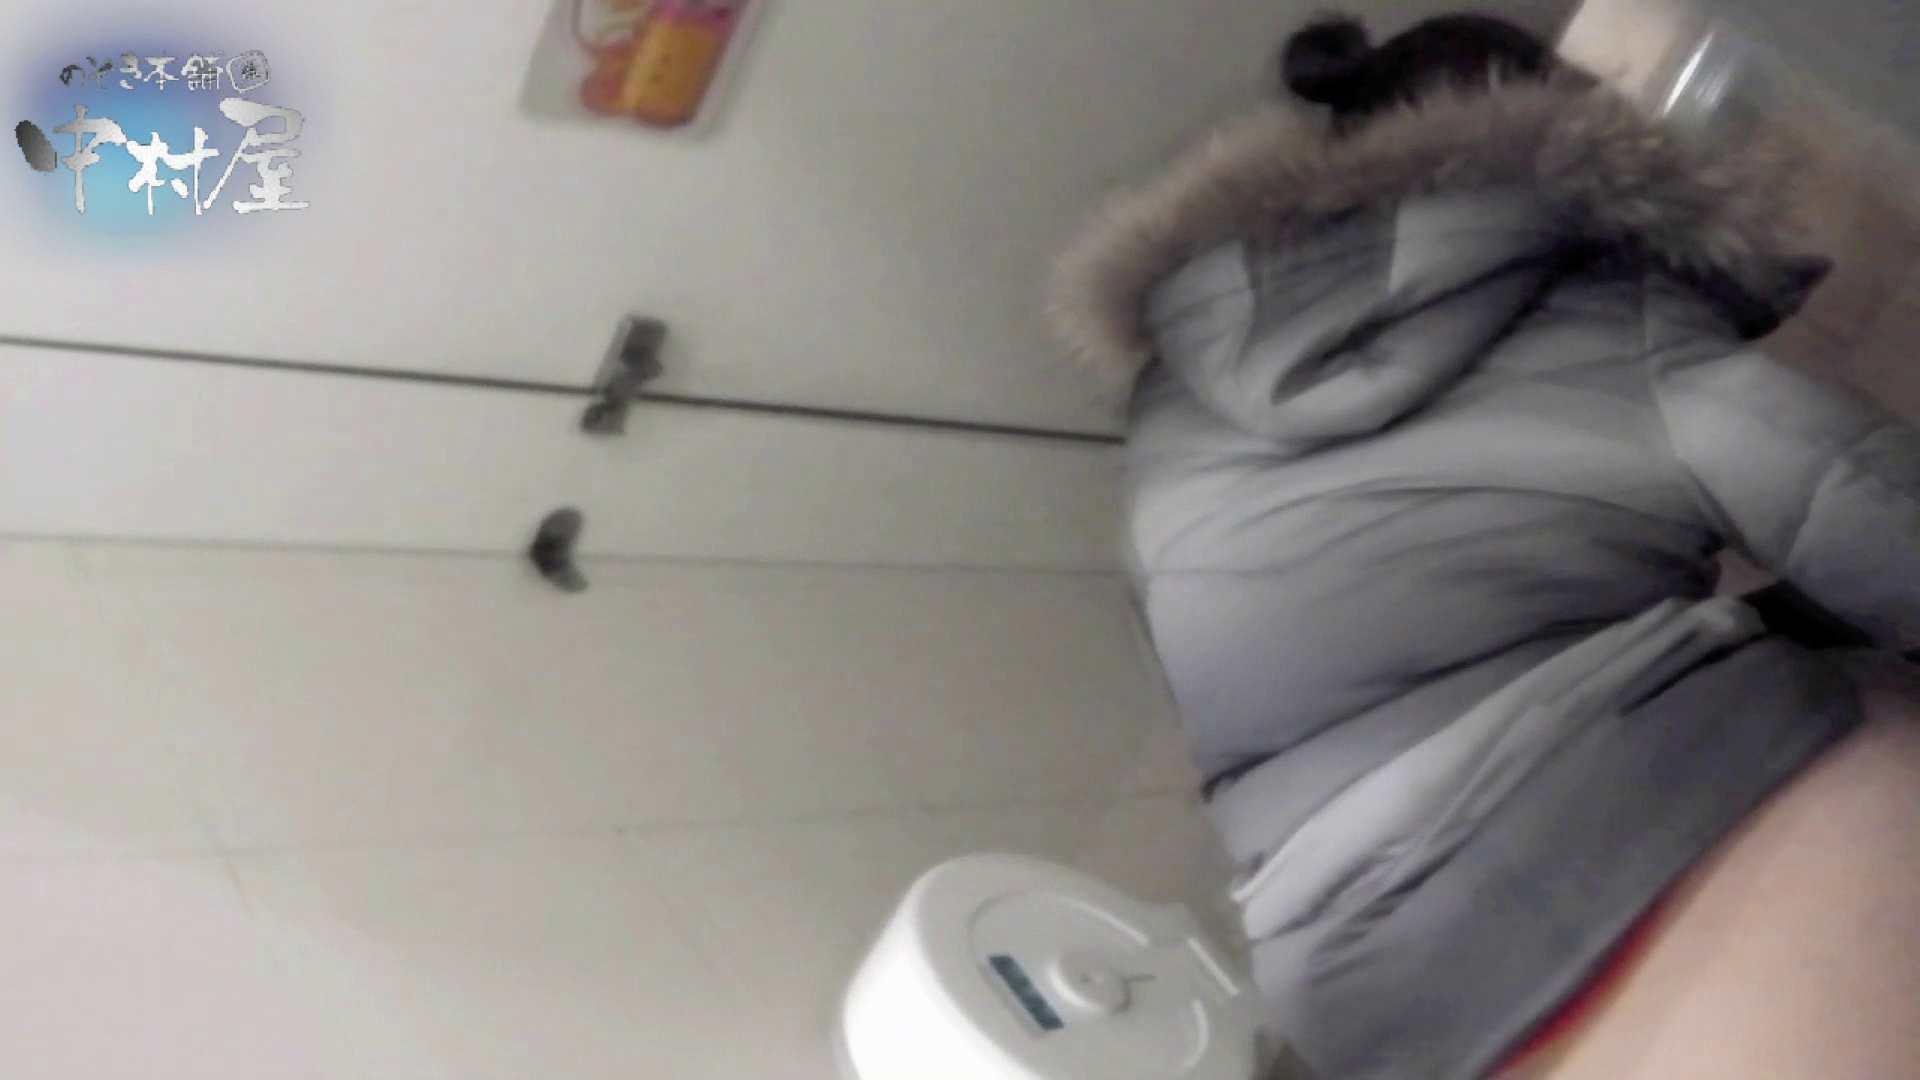 乙女集まる!ショッピングモール潜入撮vol.11 美しいOLの裸体 性交動画流出 78pic 20